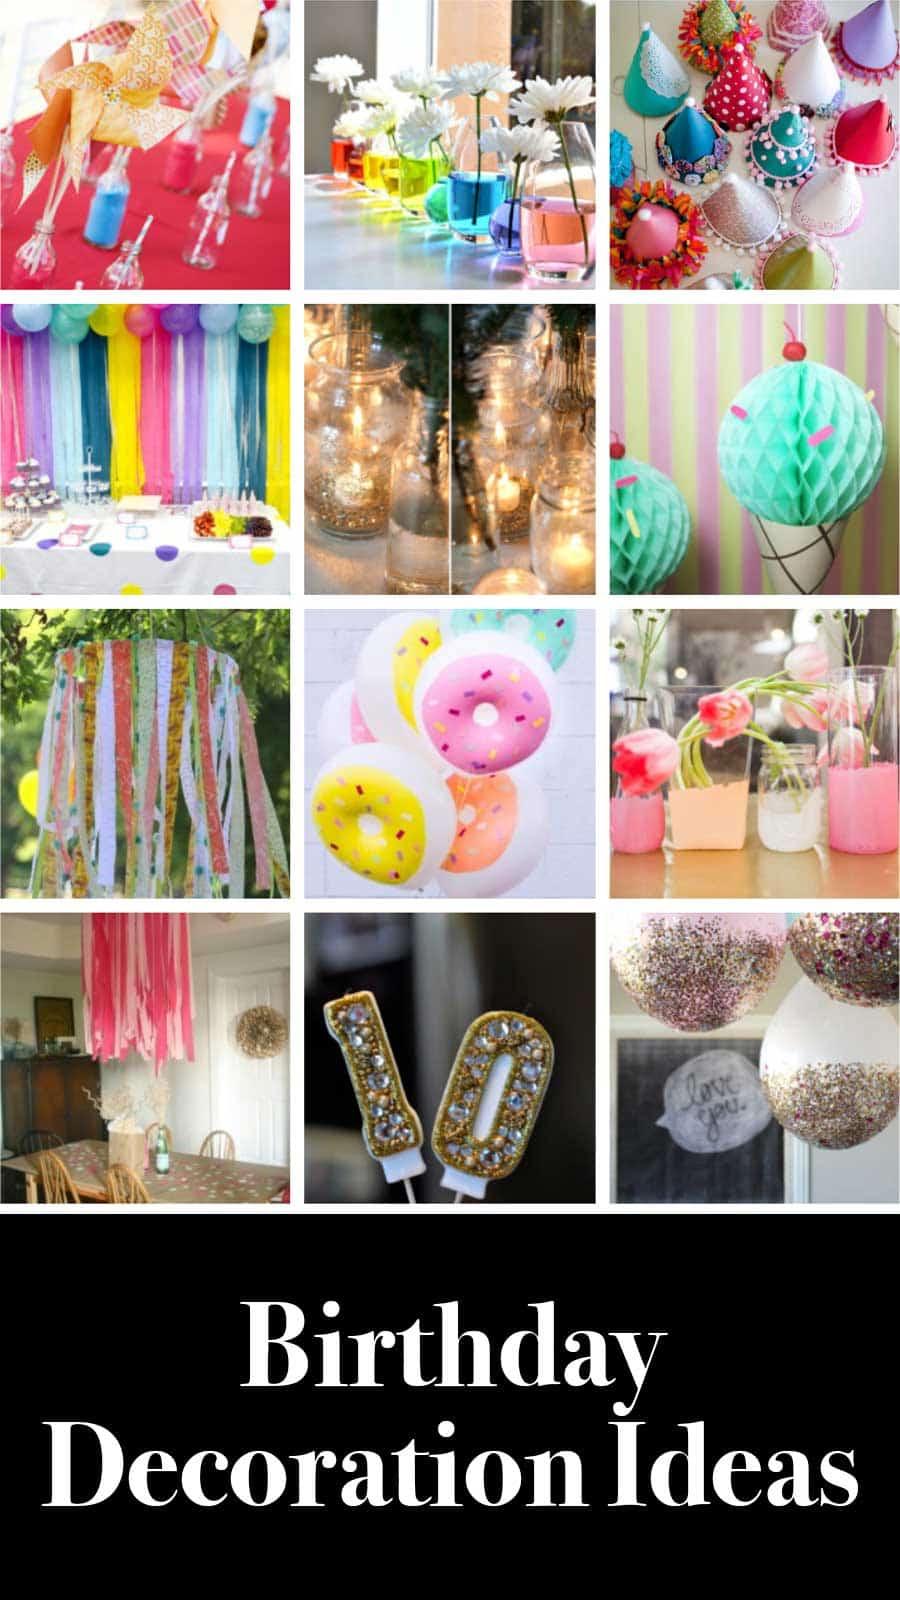 Idées de décoration d'anniversaire bricolage